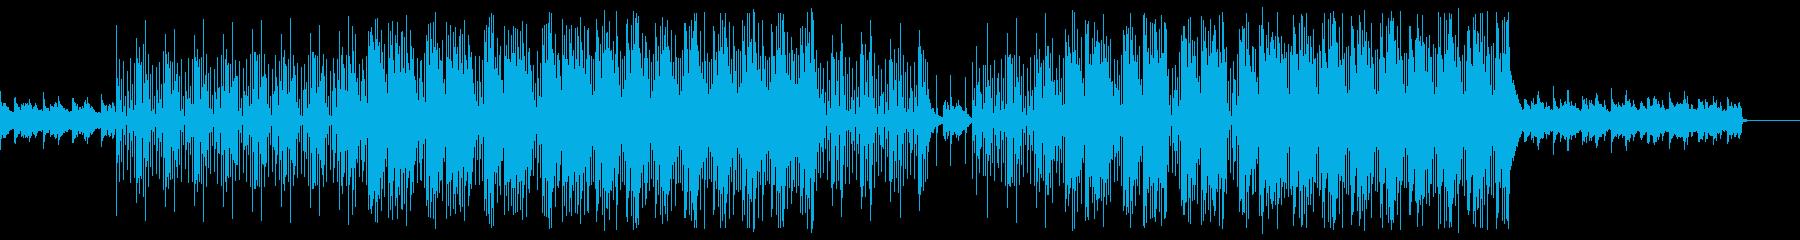 ダークな世界観 トラップビートの再生済みの波形